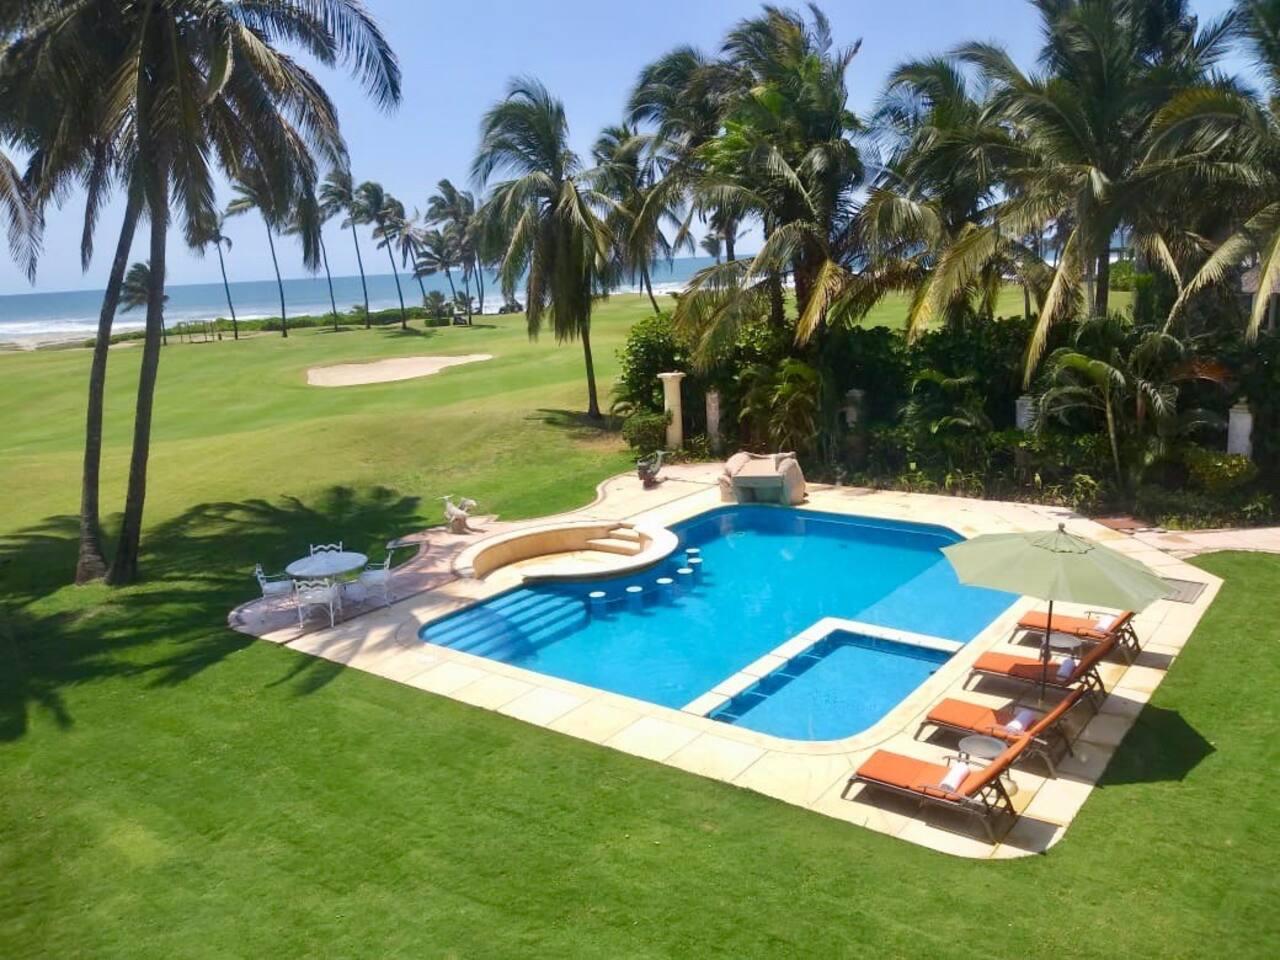 La piscina cuenta con chapoteadero para los niños. A tan solo unos pasos de la increíble playa!